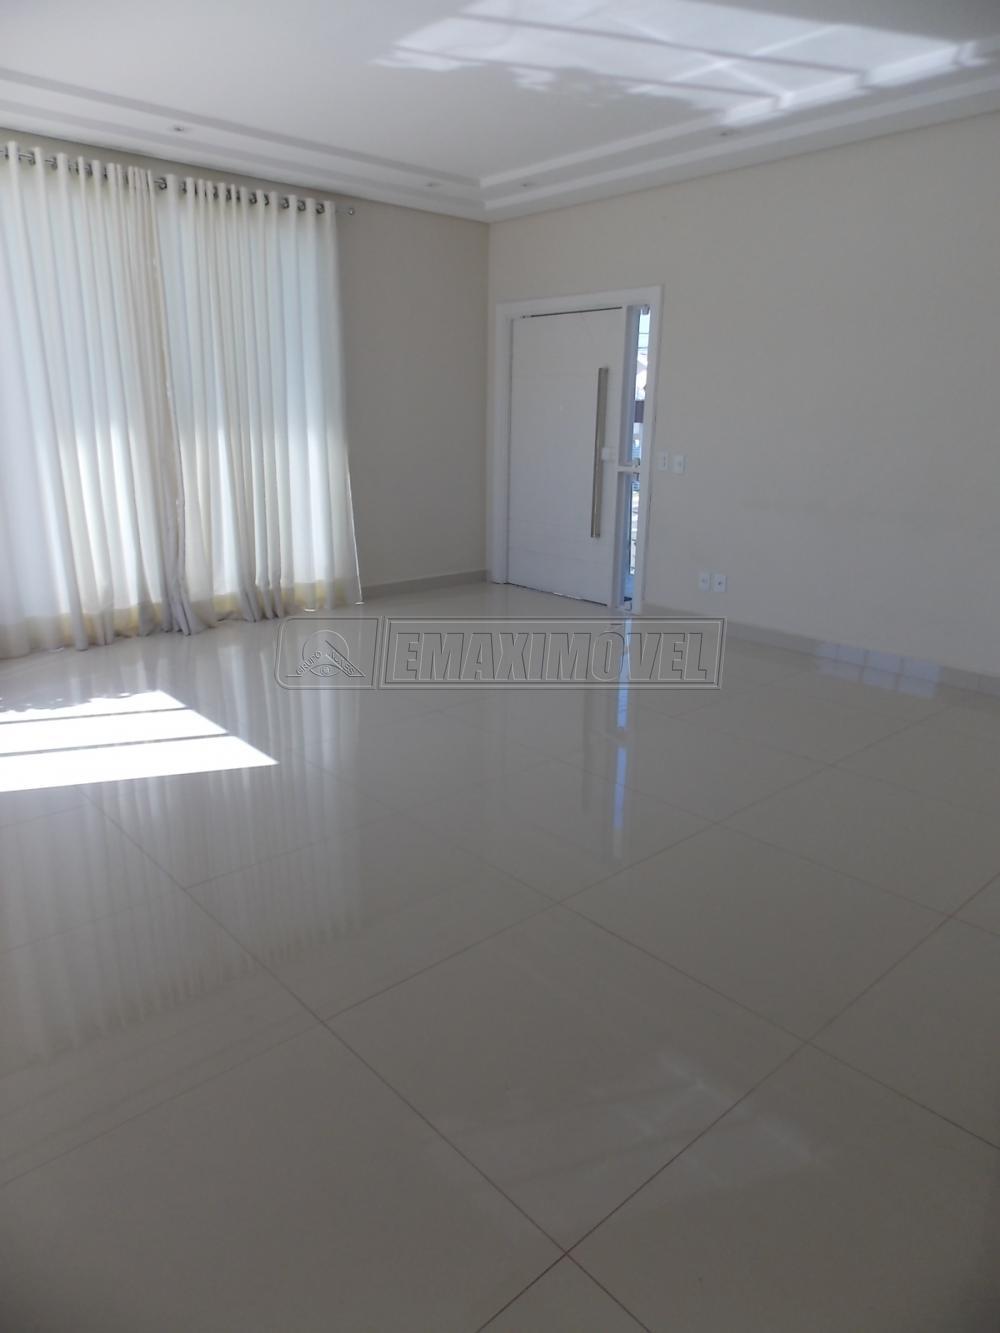 Comprar Casas / em Condomínios em Votorantim apenas R$ 950.000,00 - Foto 22